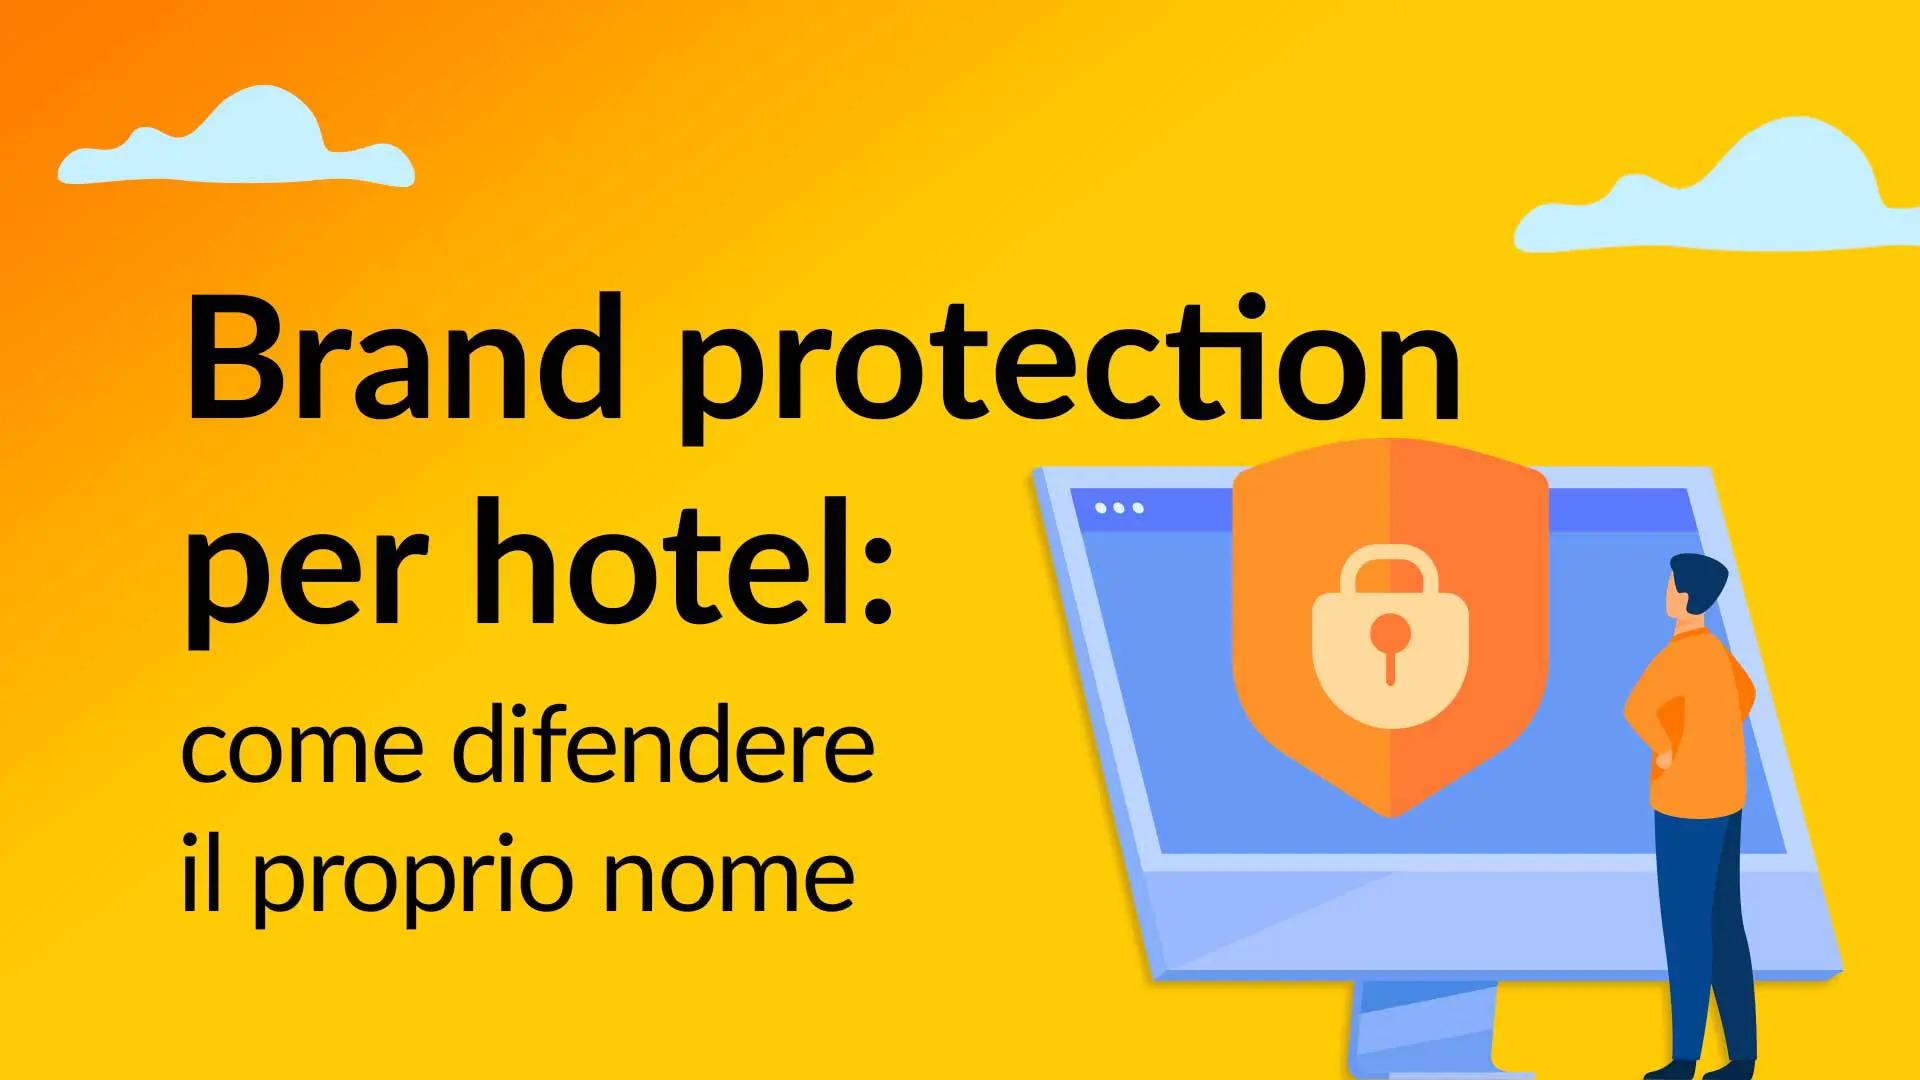 Brand protection per hotel: come difendere il proprio nome